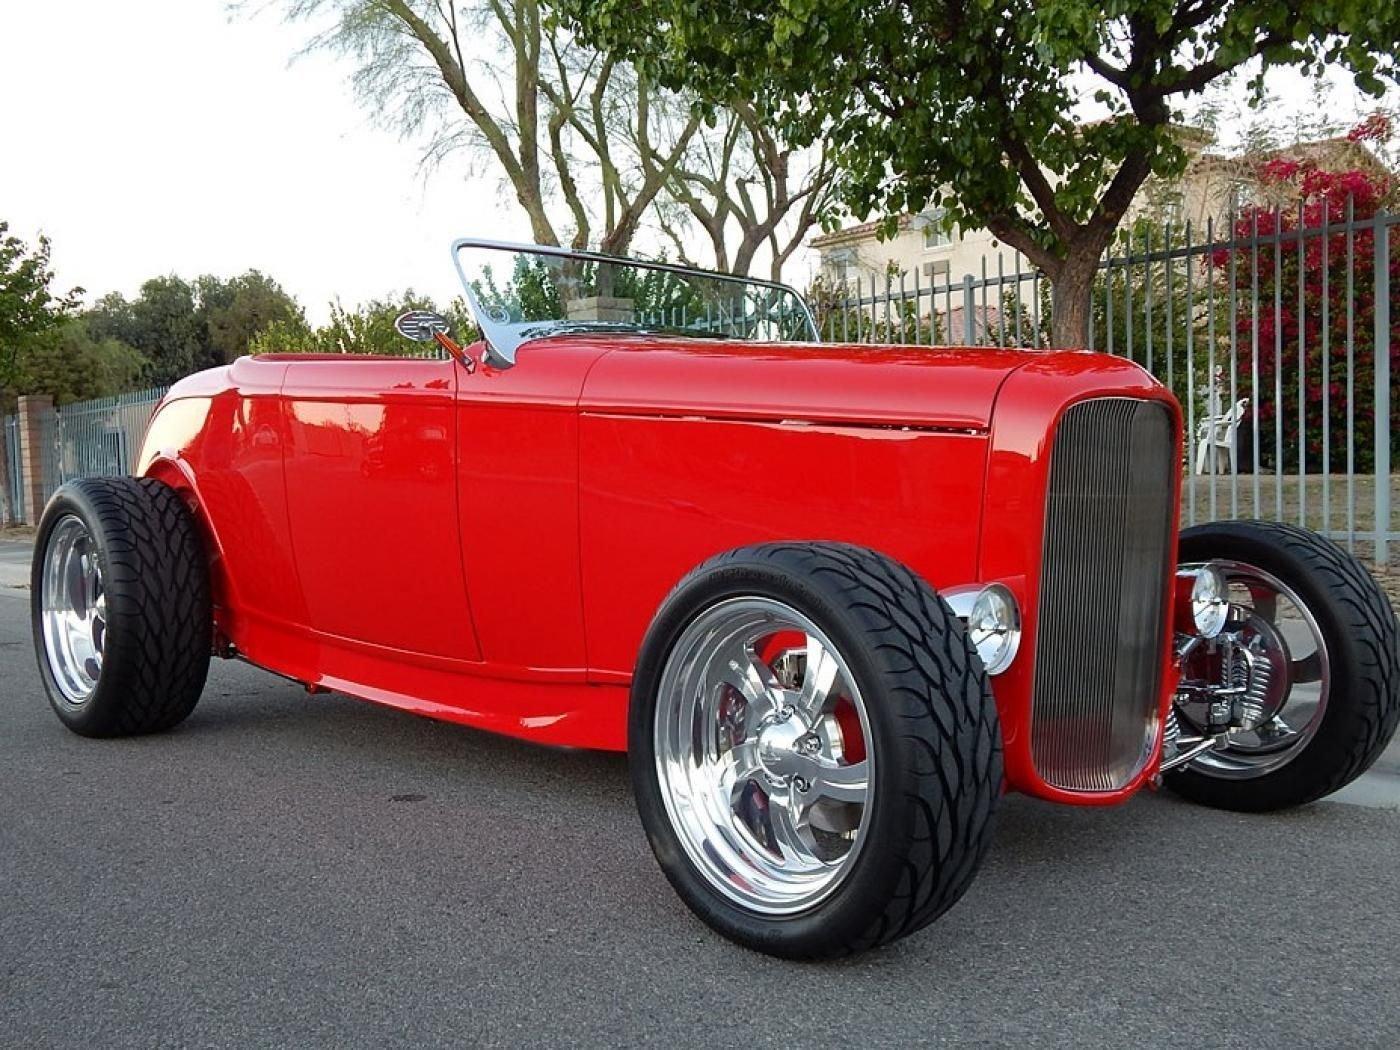 64670de393c11 hd 1932 ford deuce roadster